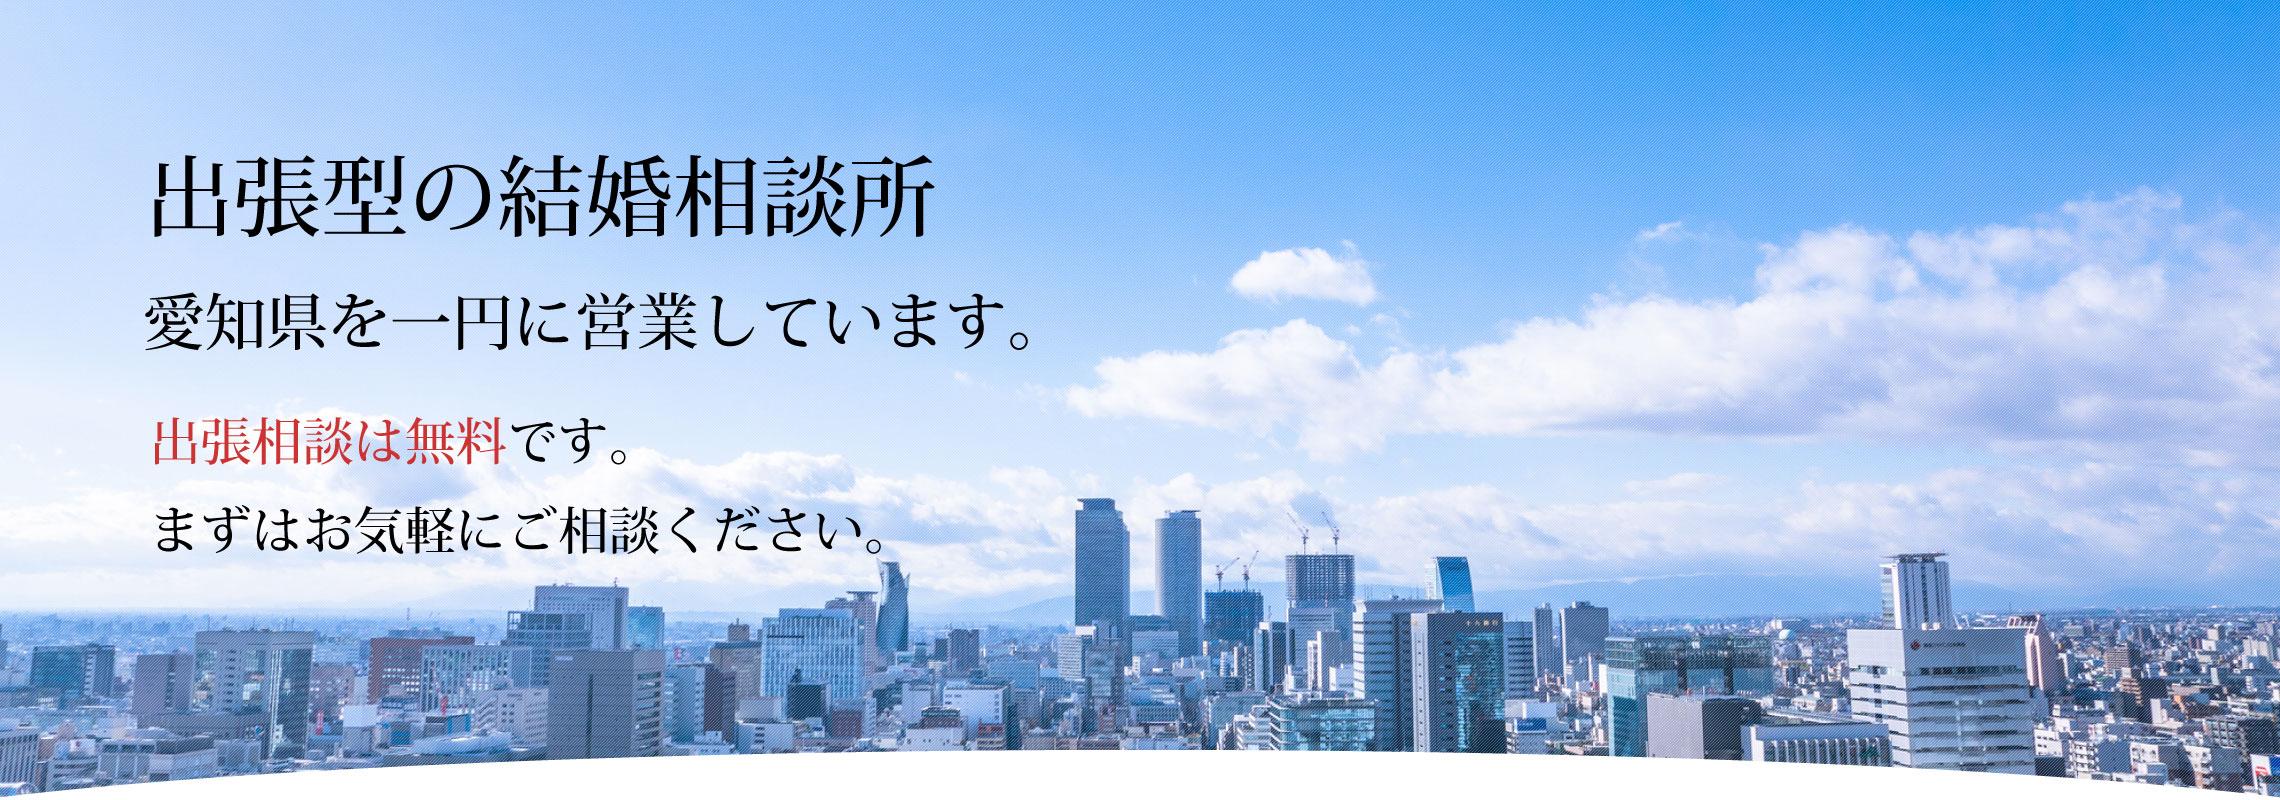 名古屋を拠点に中部地方を一円に営業しております